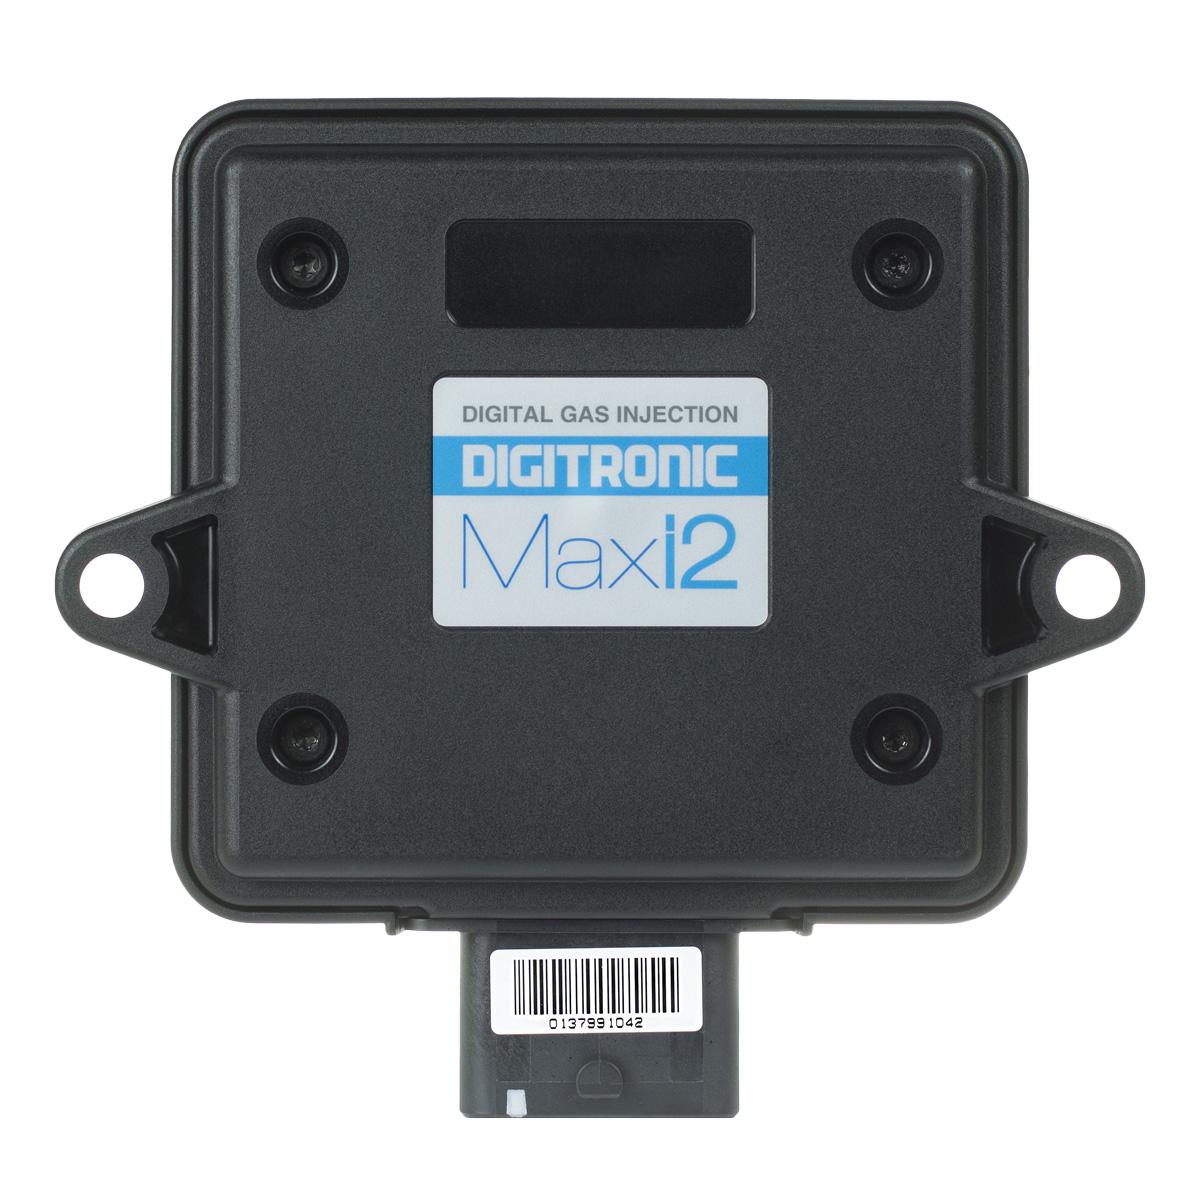 DIGITRONIC MAXI2